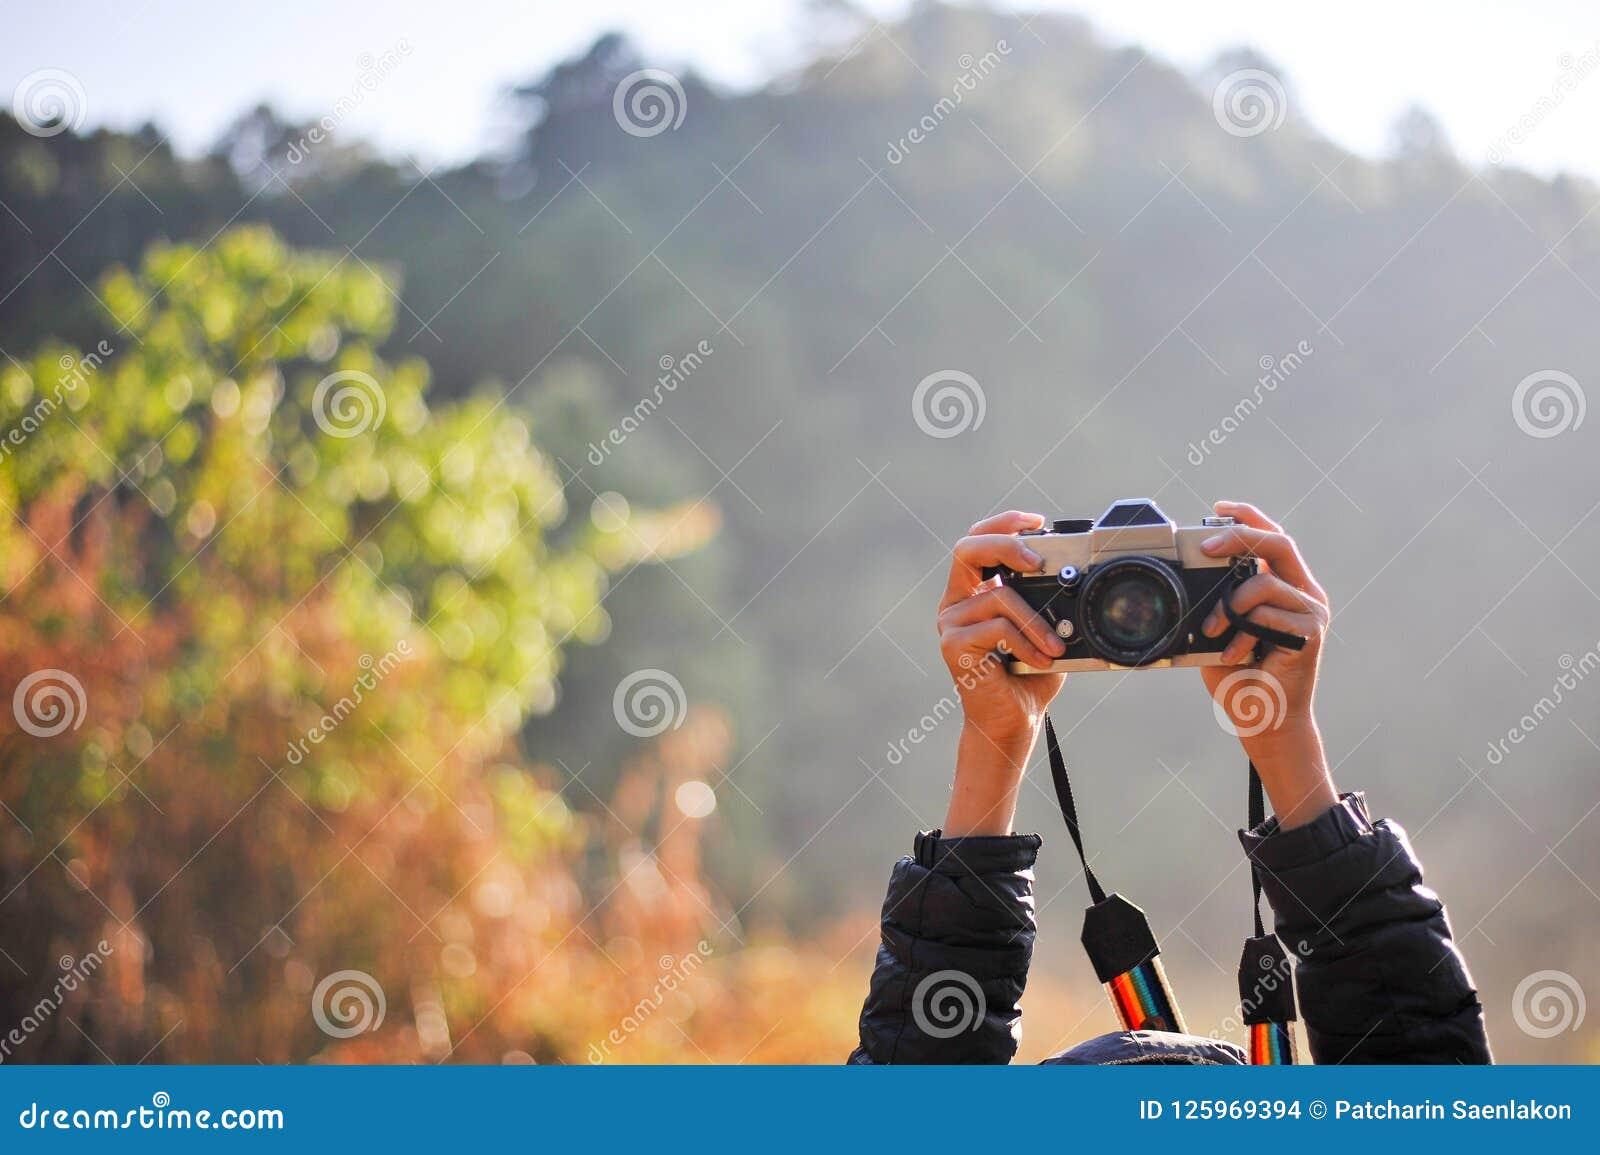 Main Et Appareil Photo Du Photographe Dans La Forêt Son